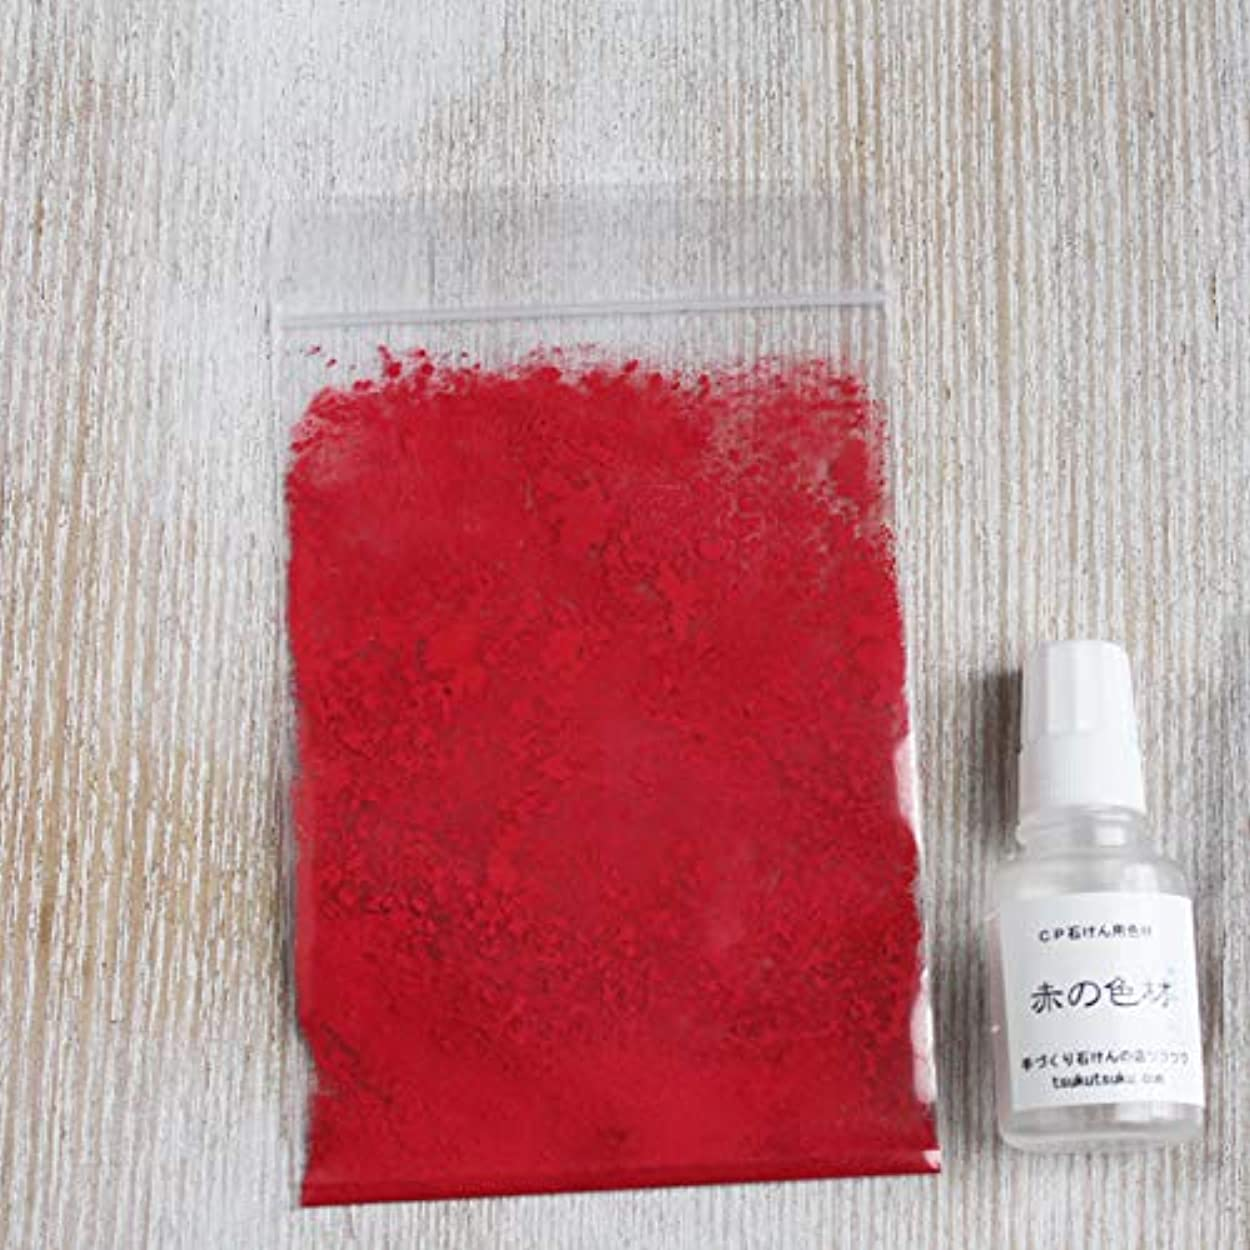 サポートマニフェストセントCP石けん用色材 赤の色材キット/手作り石けん?手作り化粧品材料